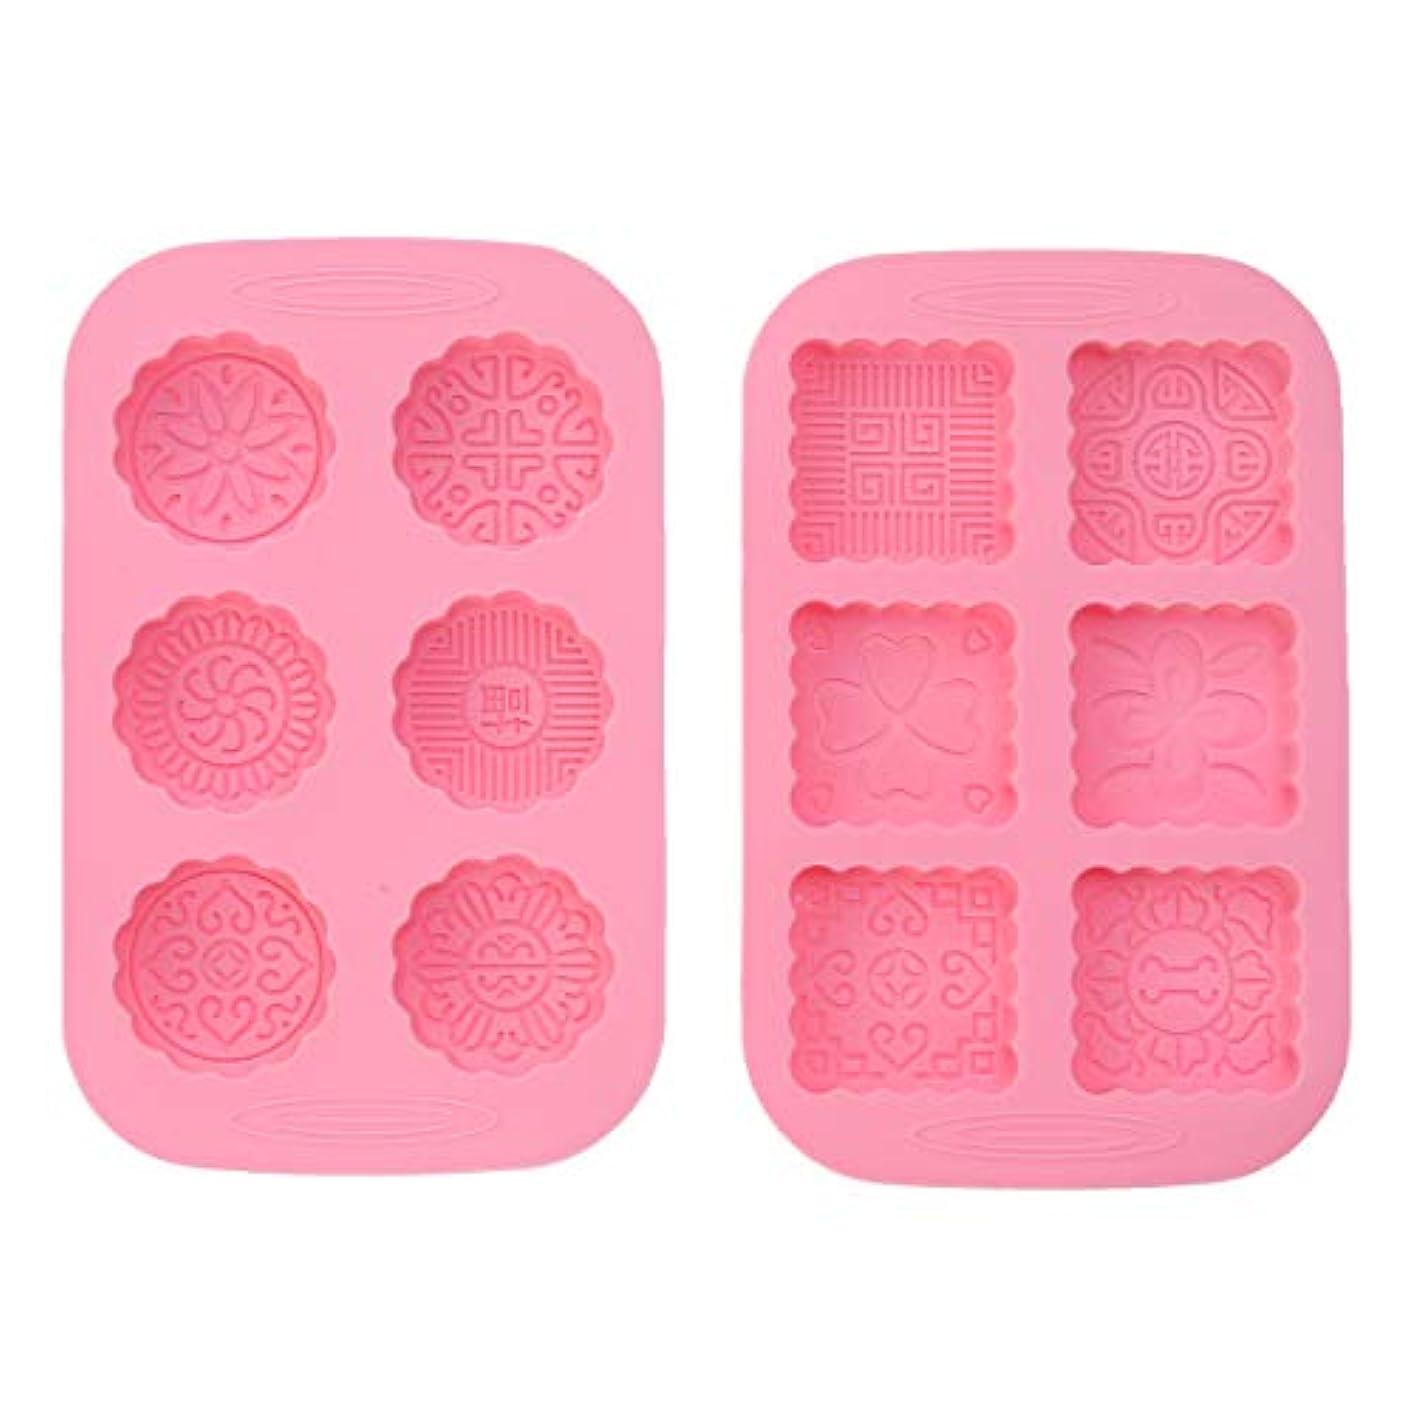 報いる太字割り当てるSUPVOX 2本シリコンケーキマフィンムーンケーキ型花型金型DIYフォンダンショコラキャンディ金型アイスゼリーソープキューブトレイ(ピンク)